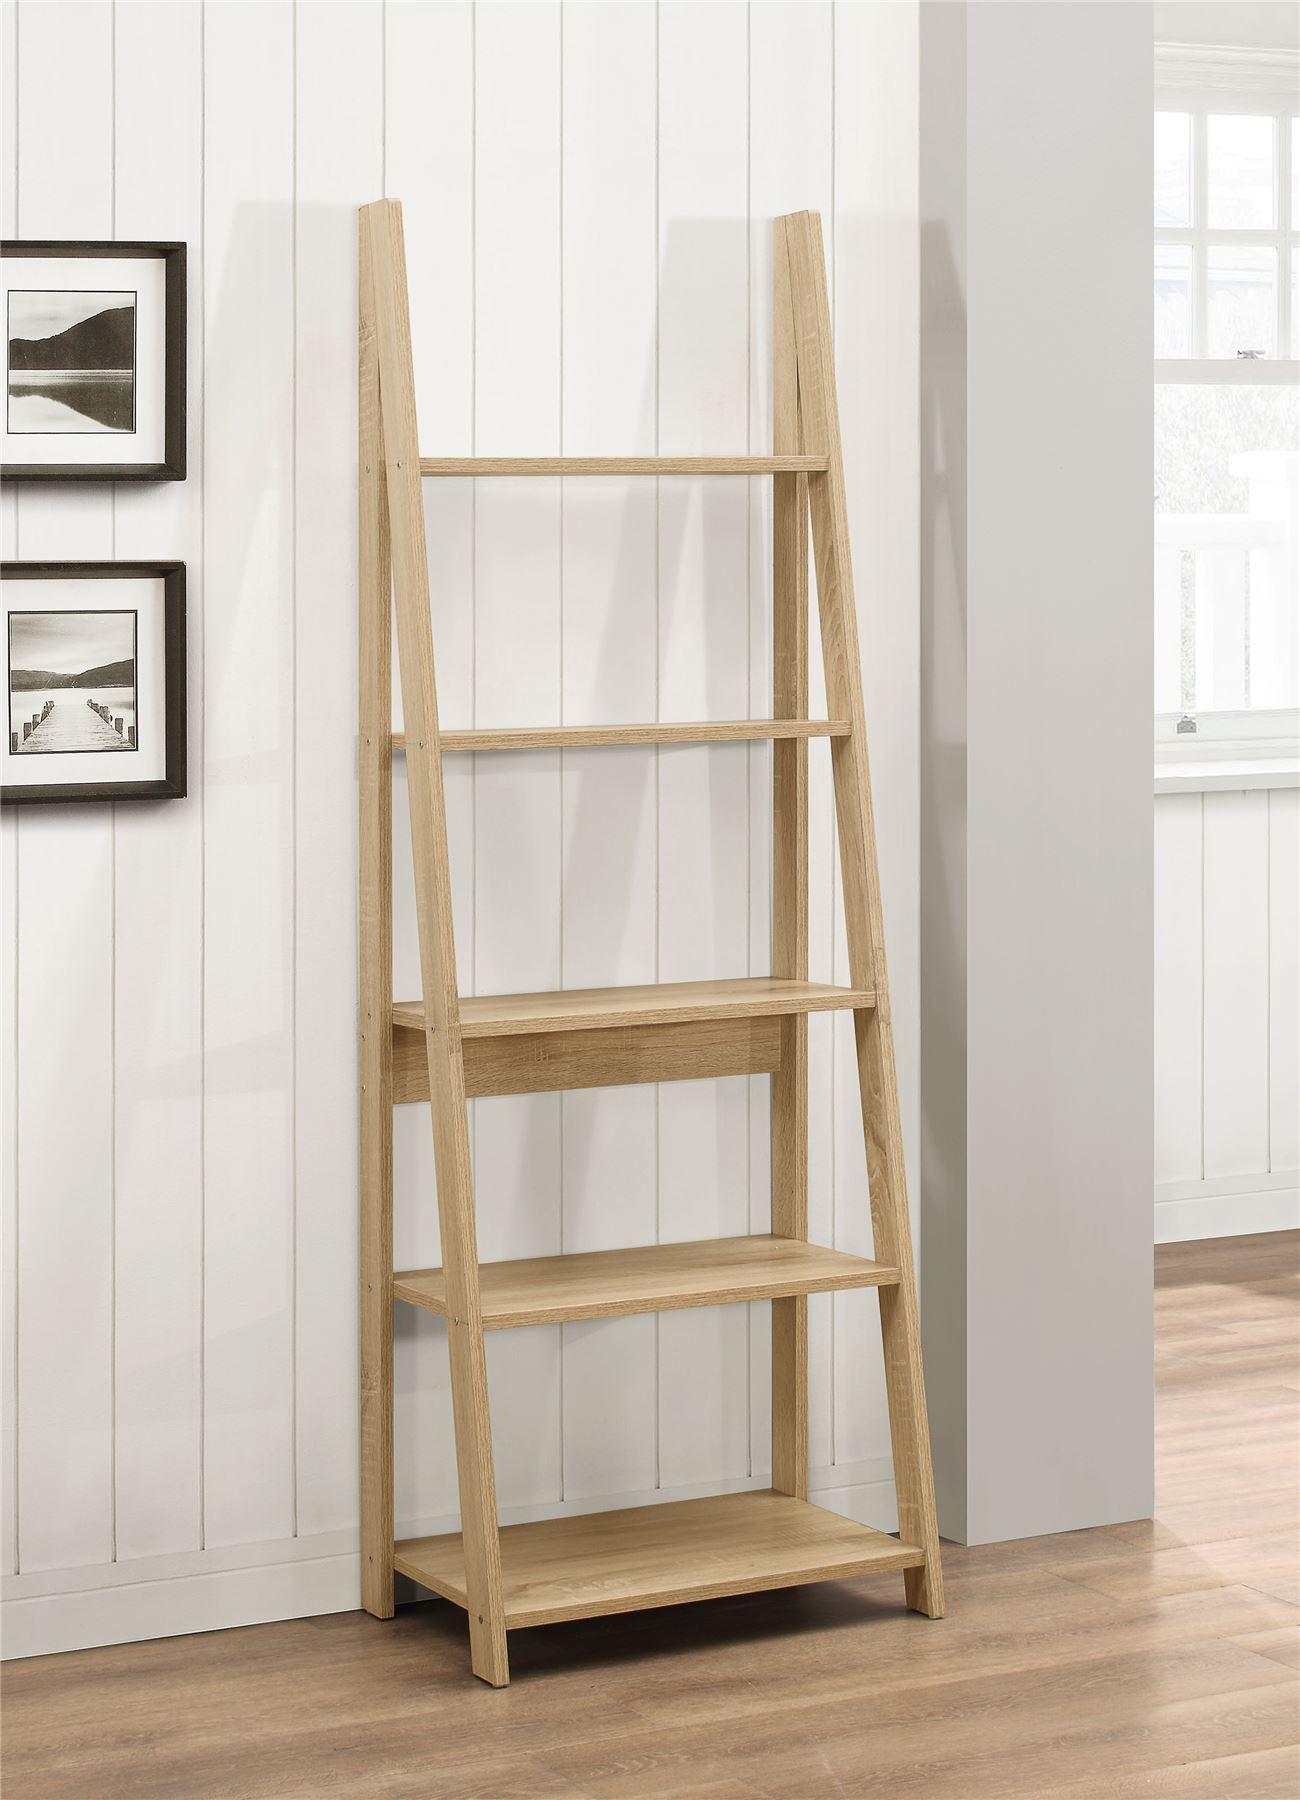 Ladder bookcase see picture - Birlea Nordic Scandinavian Retro Ladder Bookcase Shelving Shelf